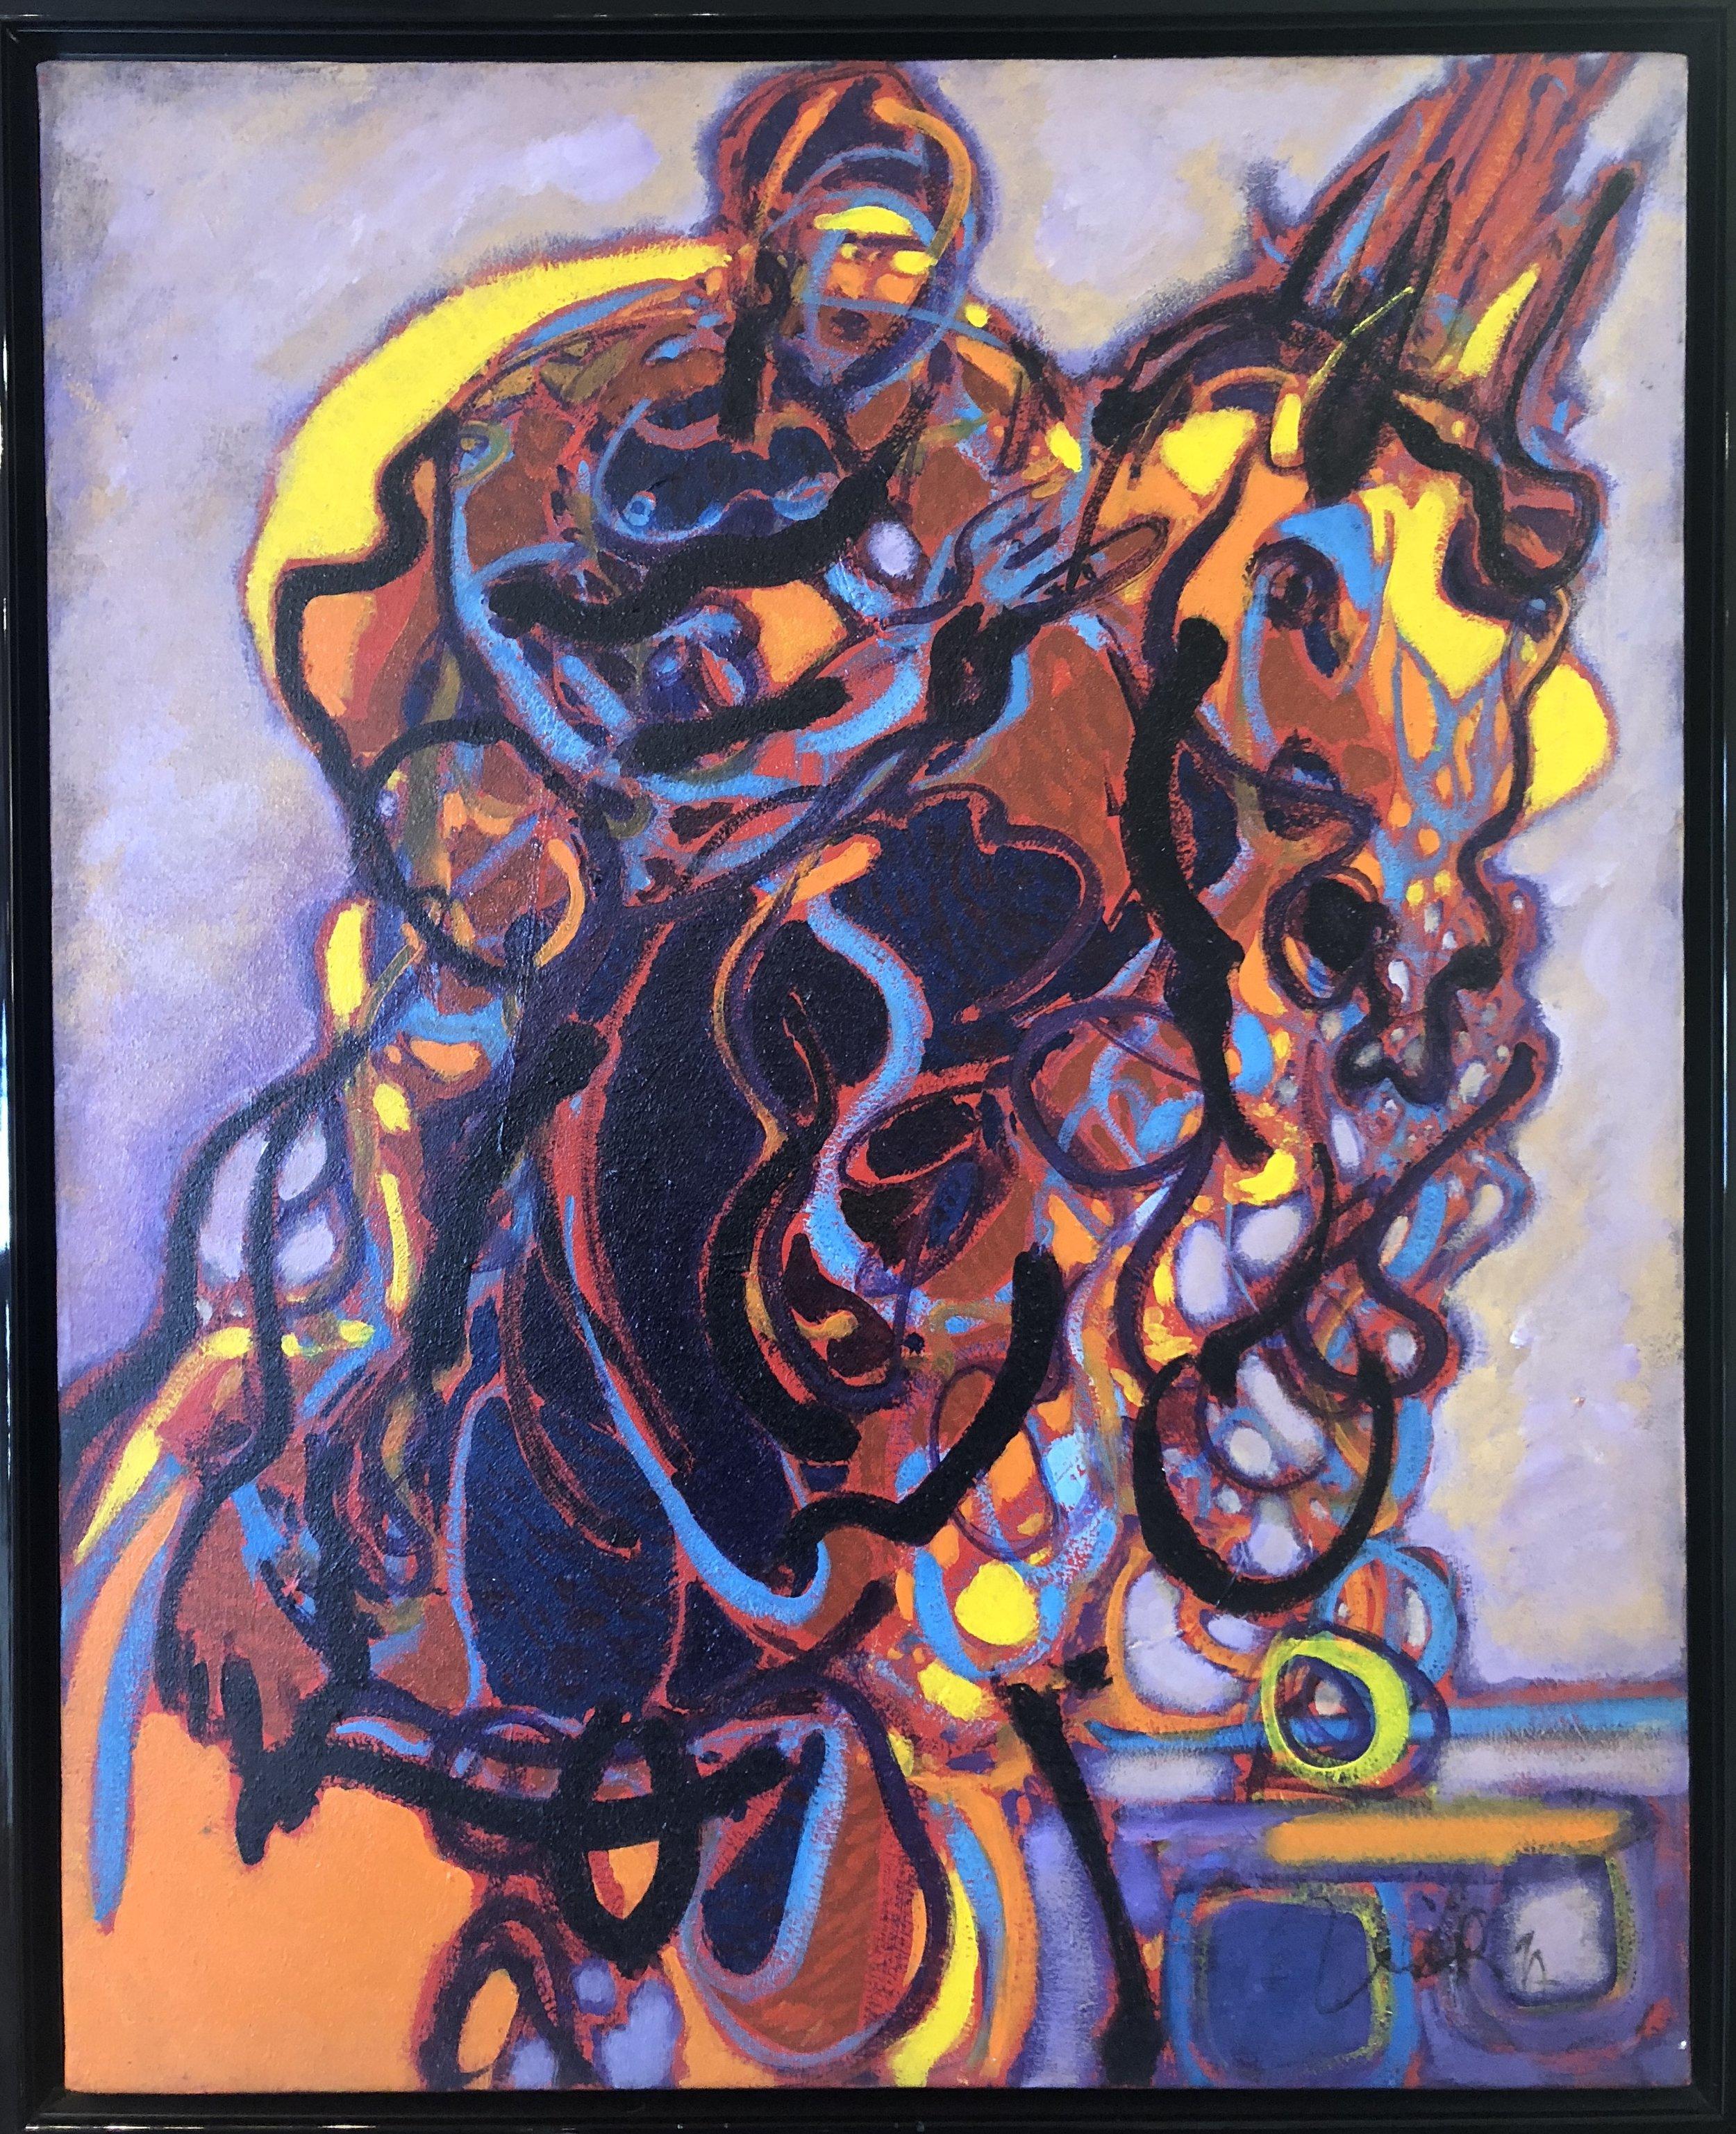 La Course - Oil on canvas65 x 81 cm